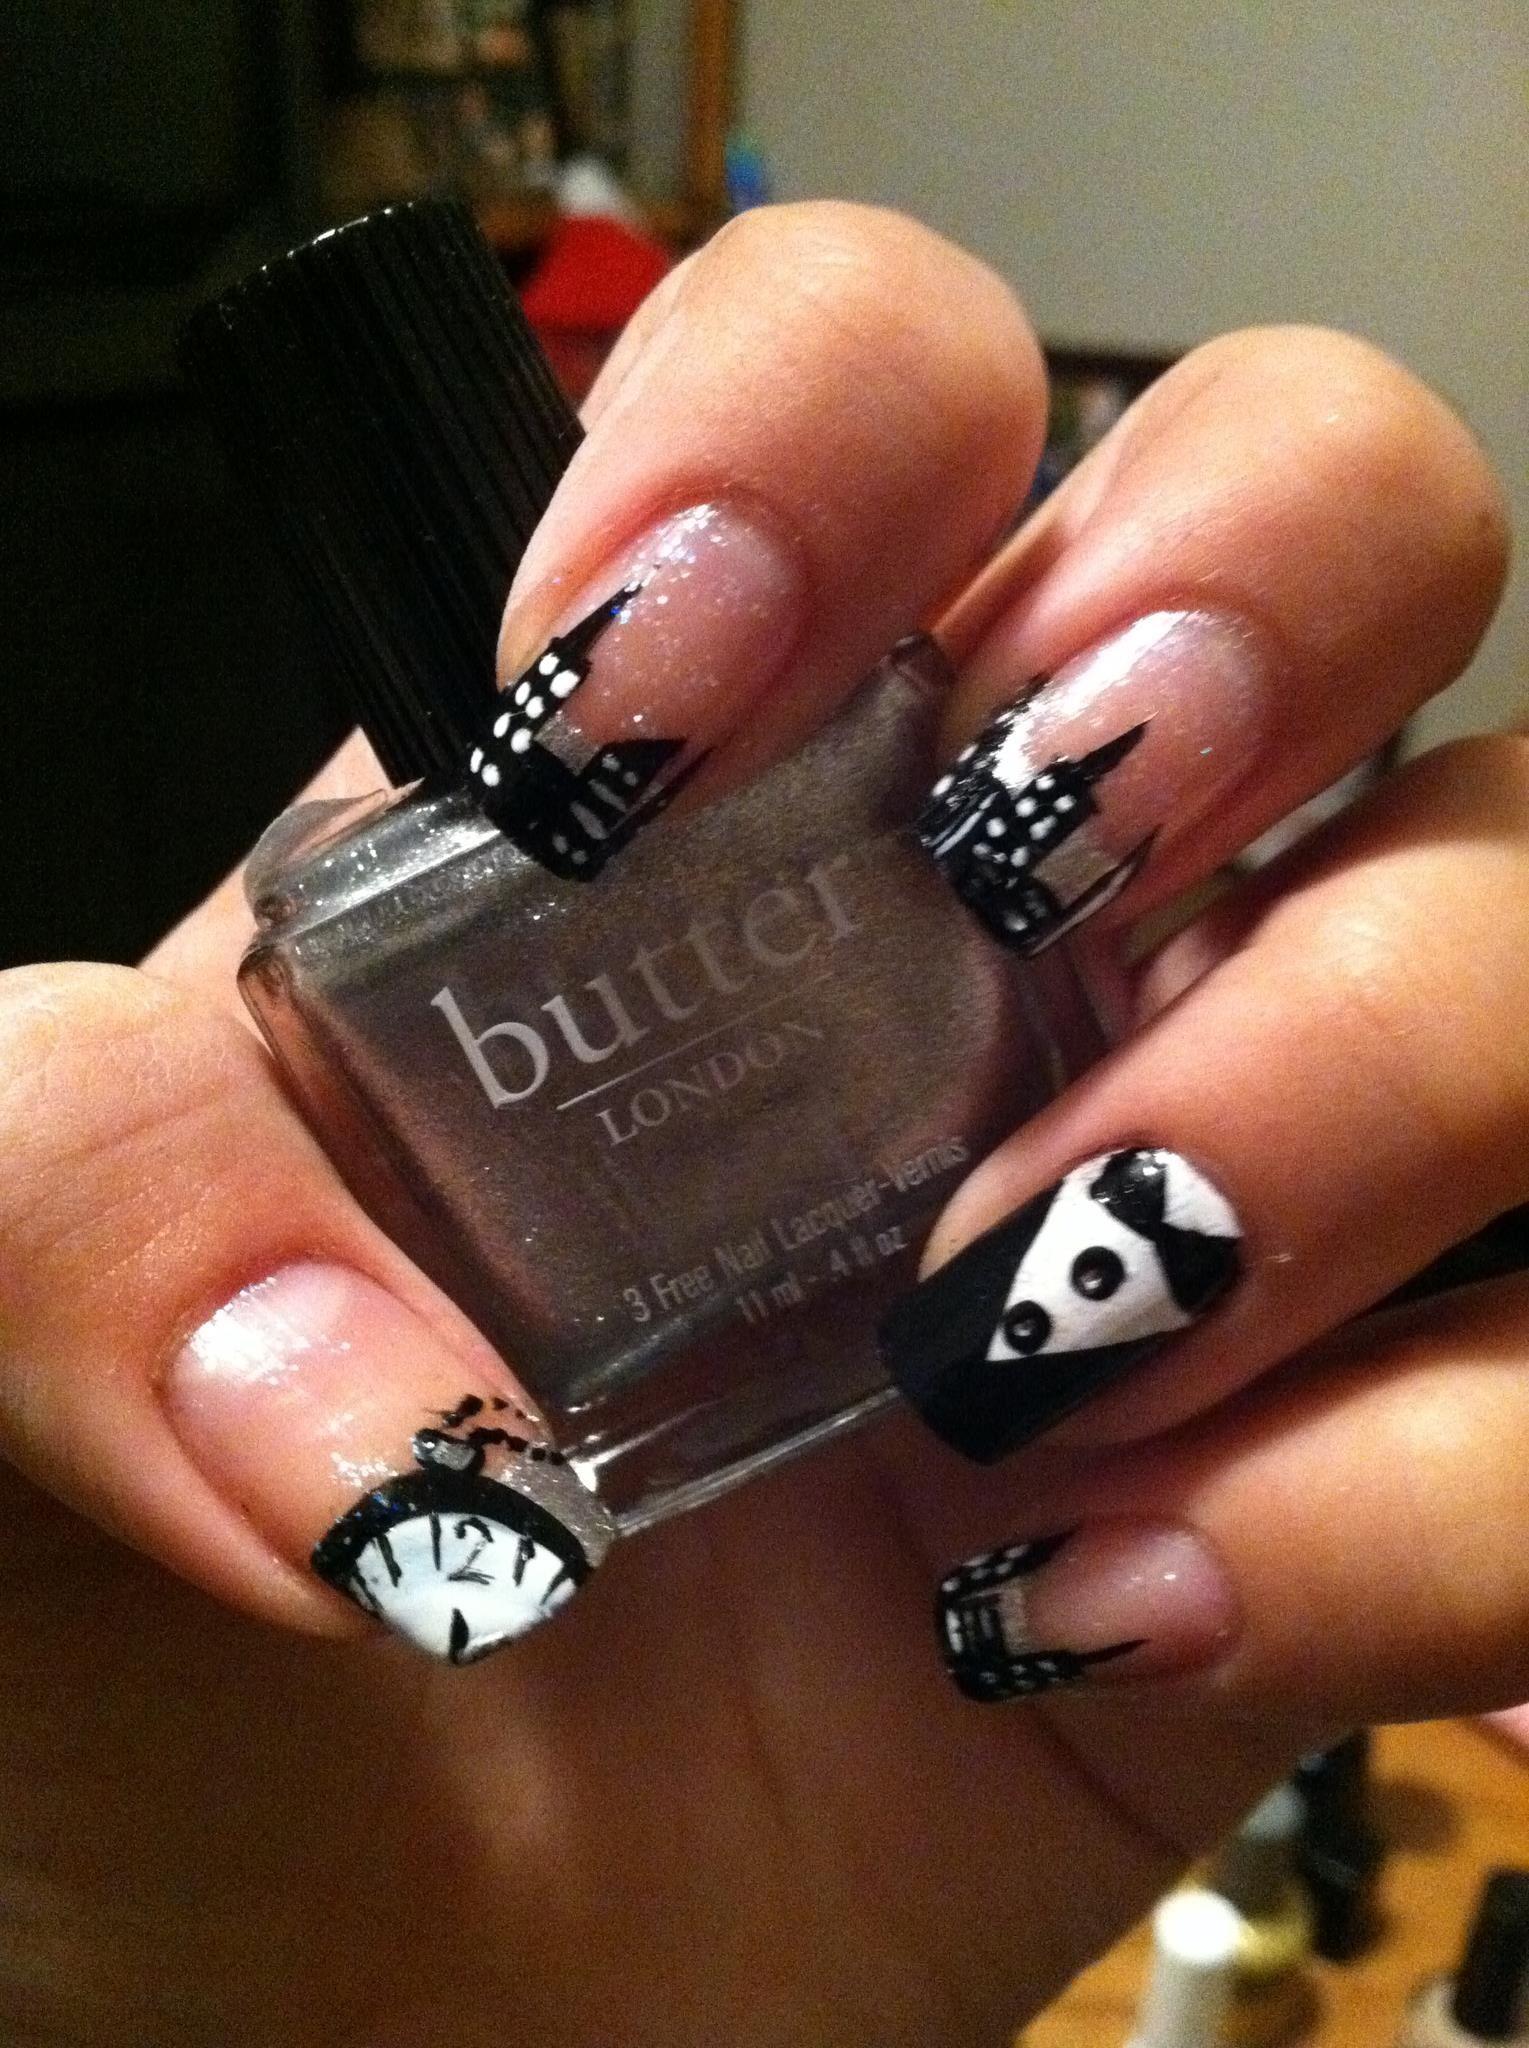 New Years eve nails   Nails, nails, nails   Pinterest   Nail nail ...